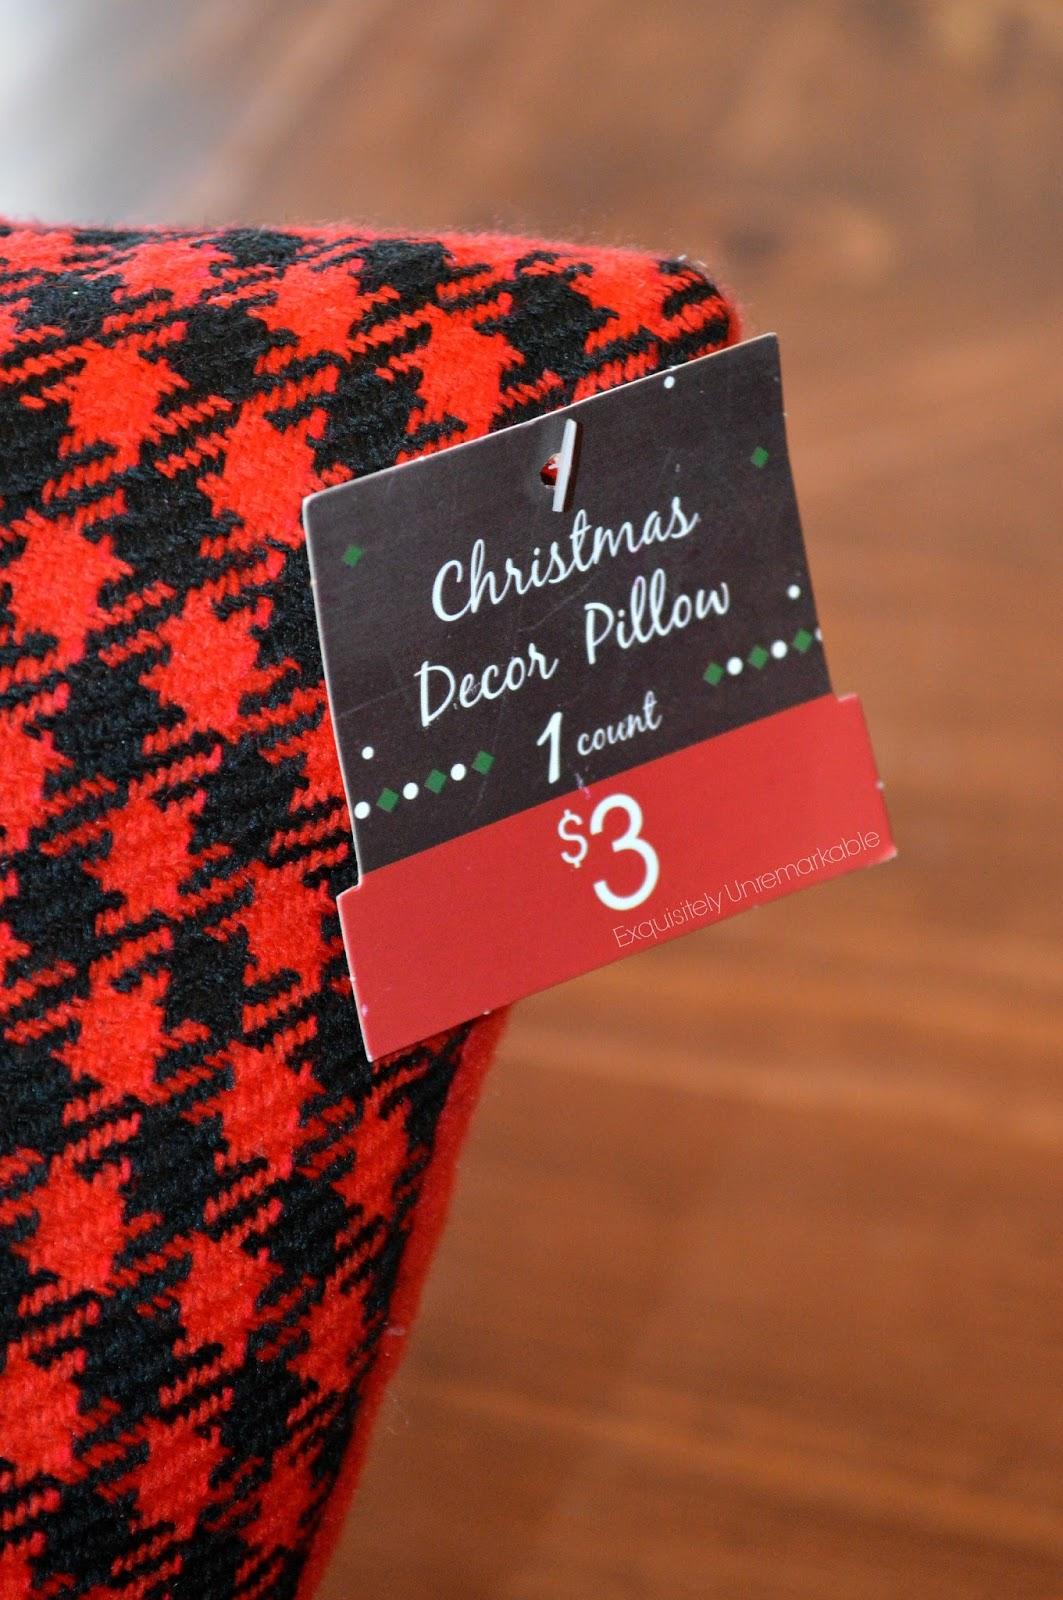 Target Dollar Spot Christmas Pillows